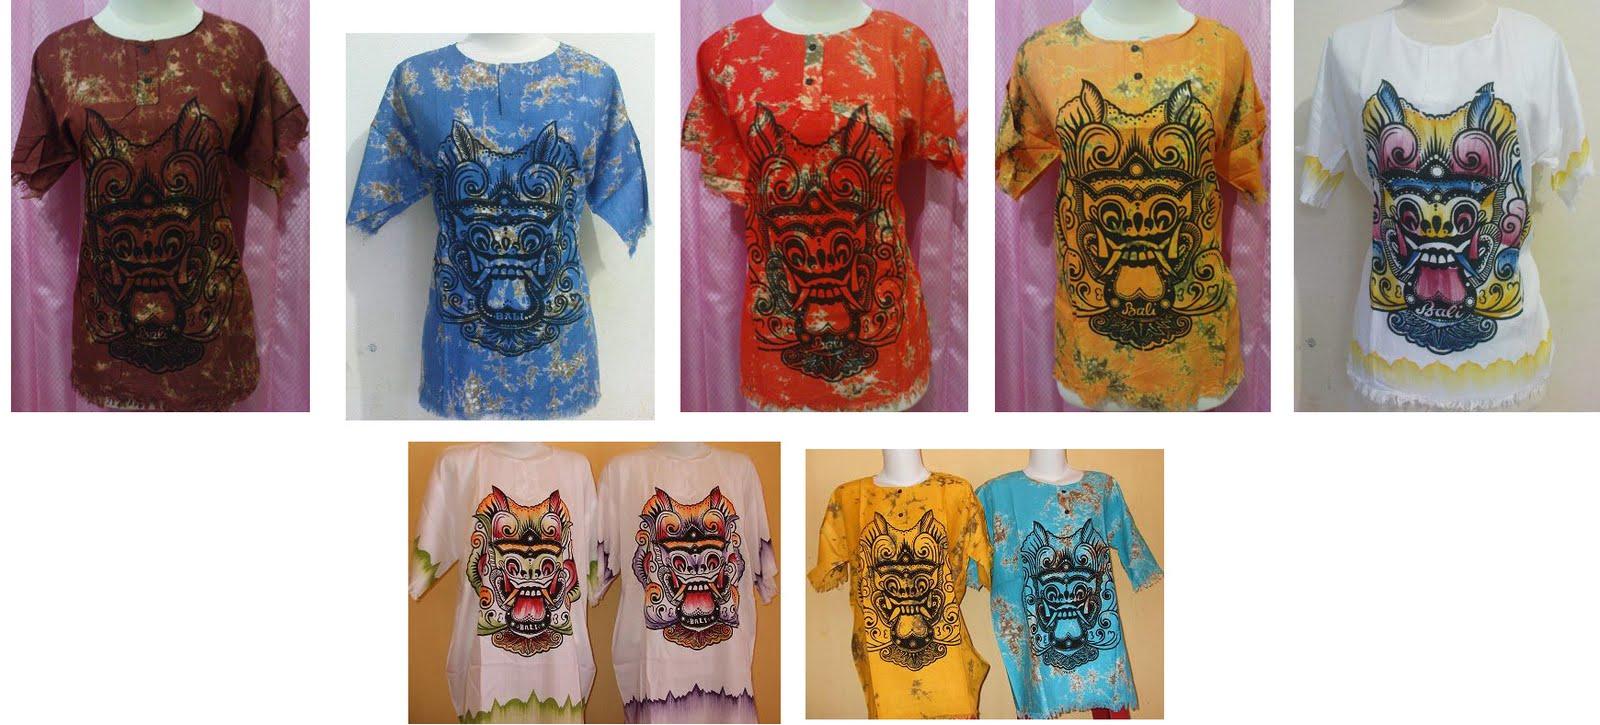 Jual Baju Pantai Wanita Bali